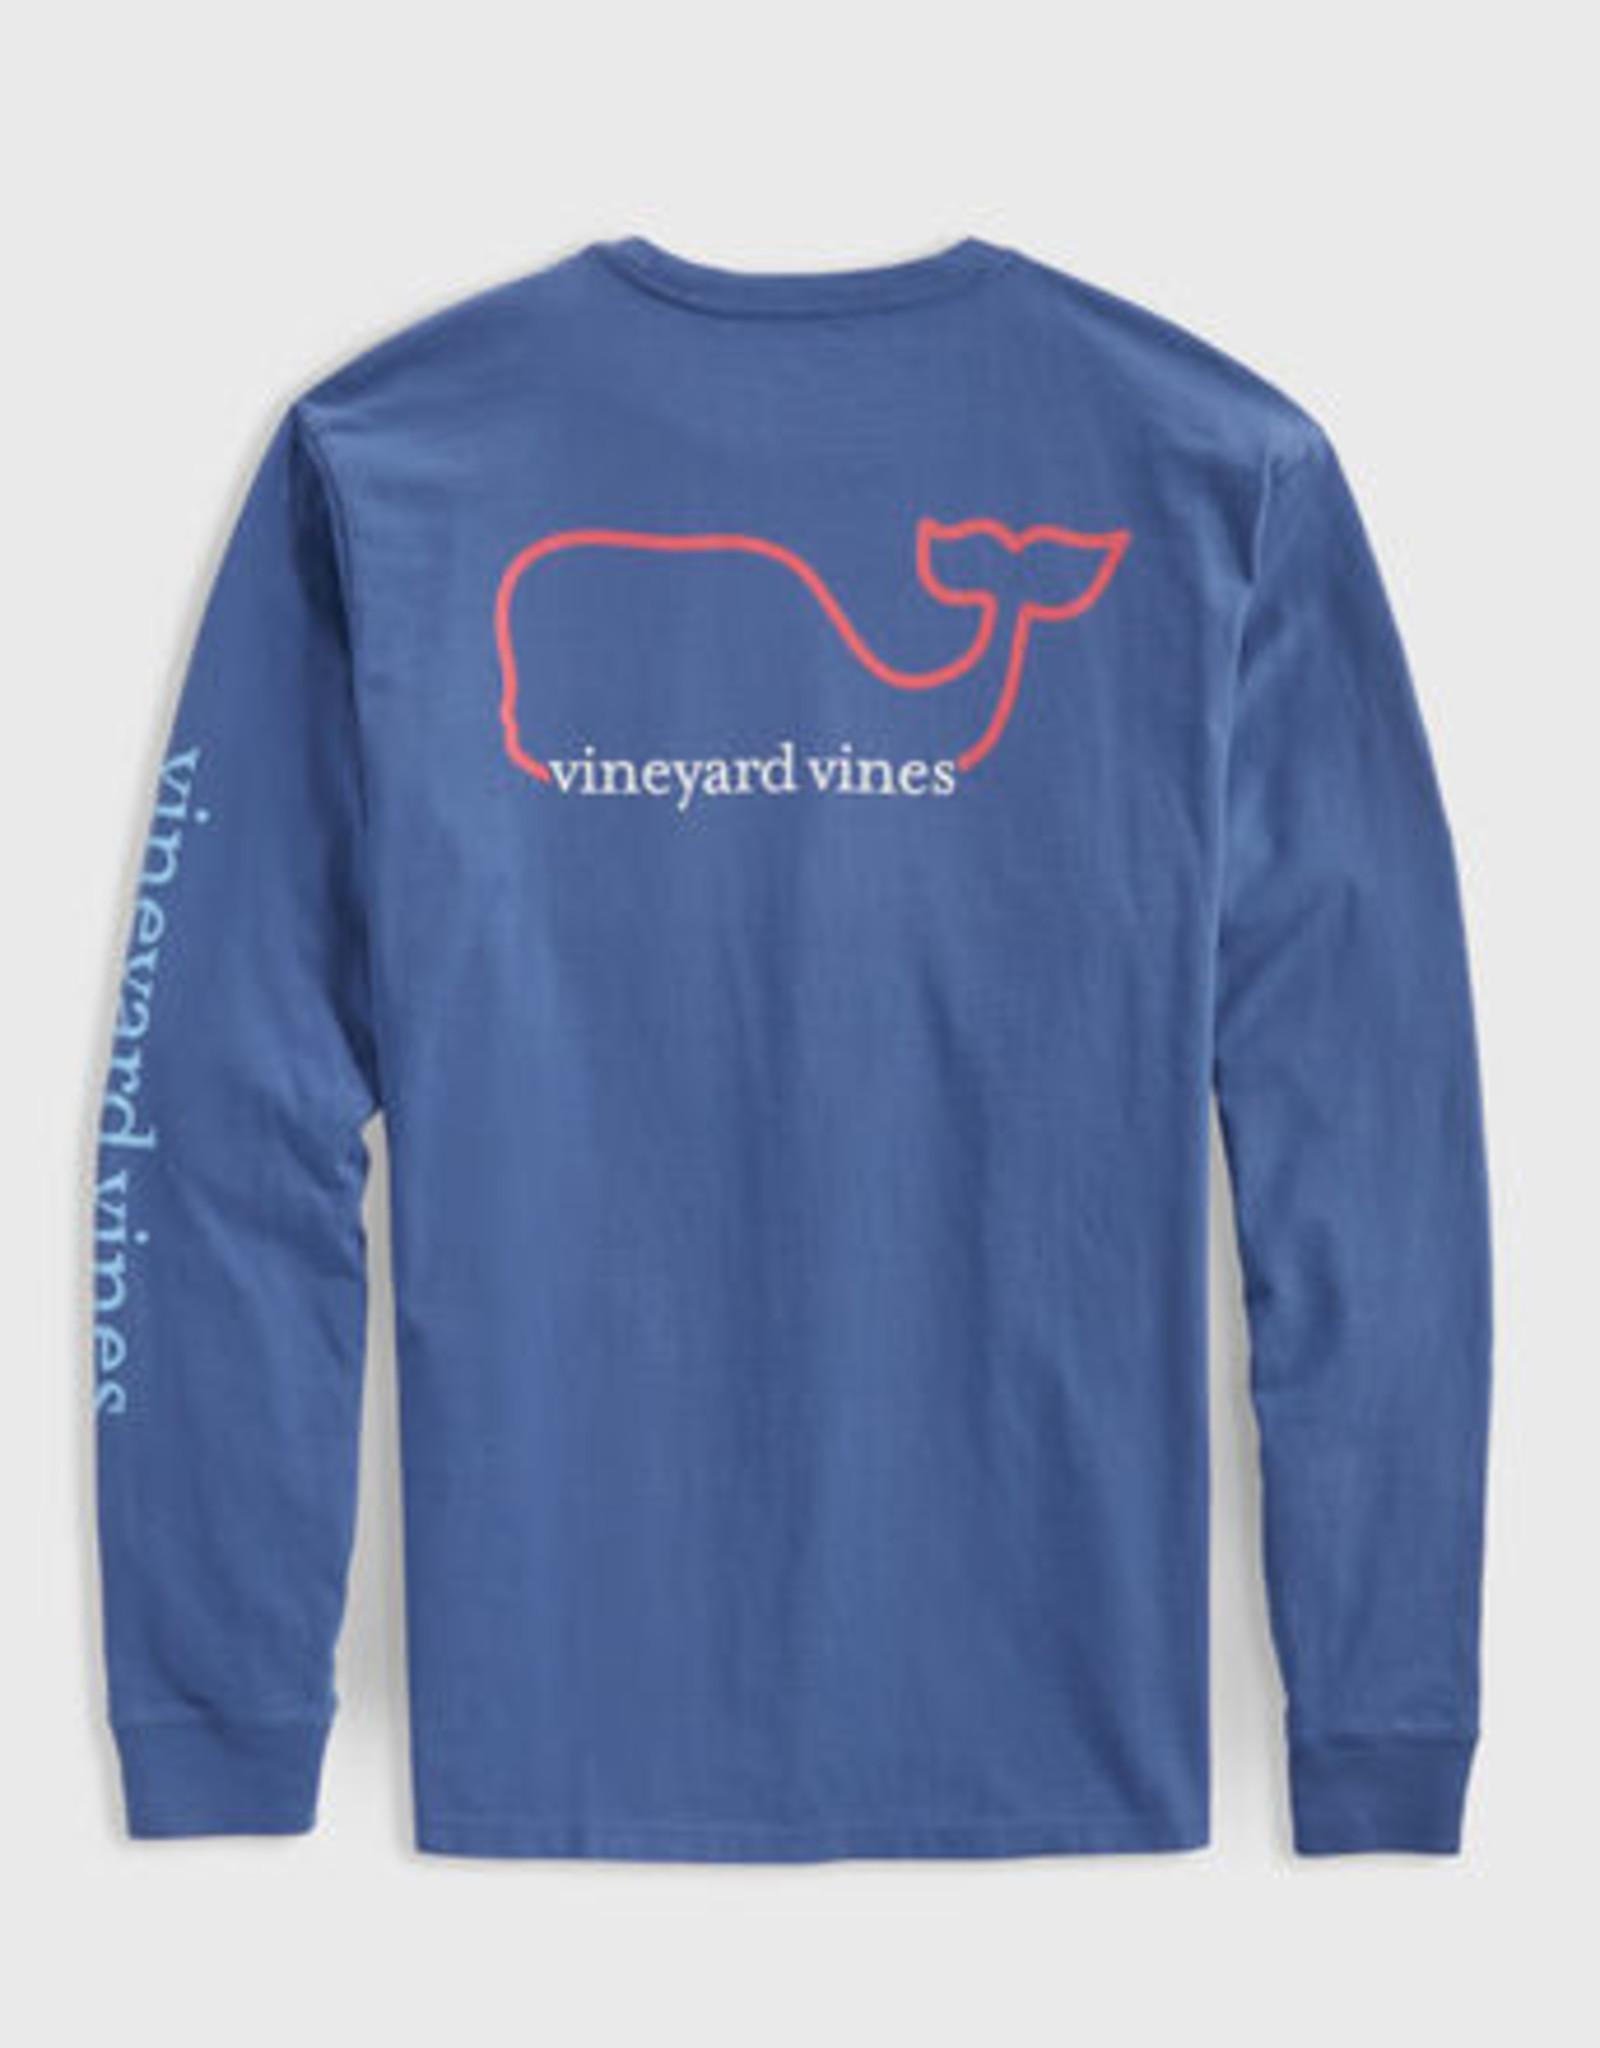 Vineyard Vines tricolor whale pkt t